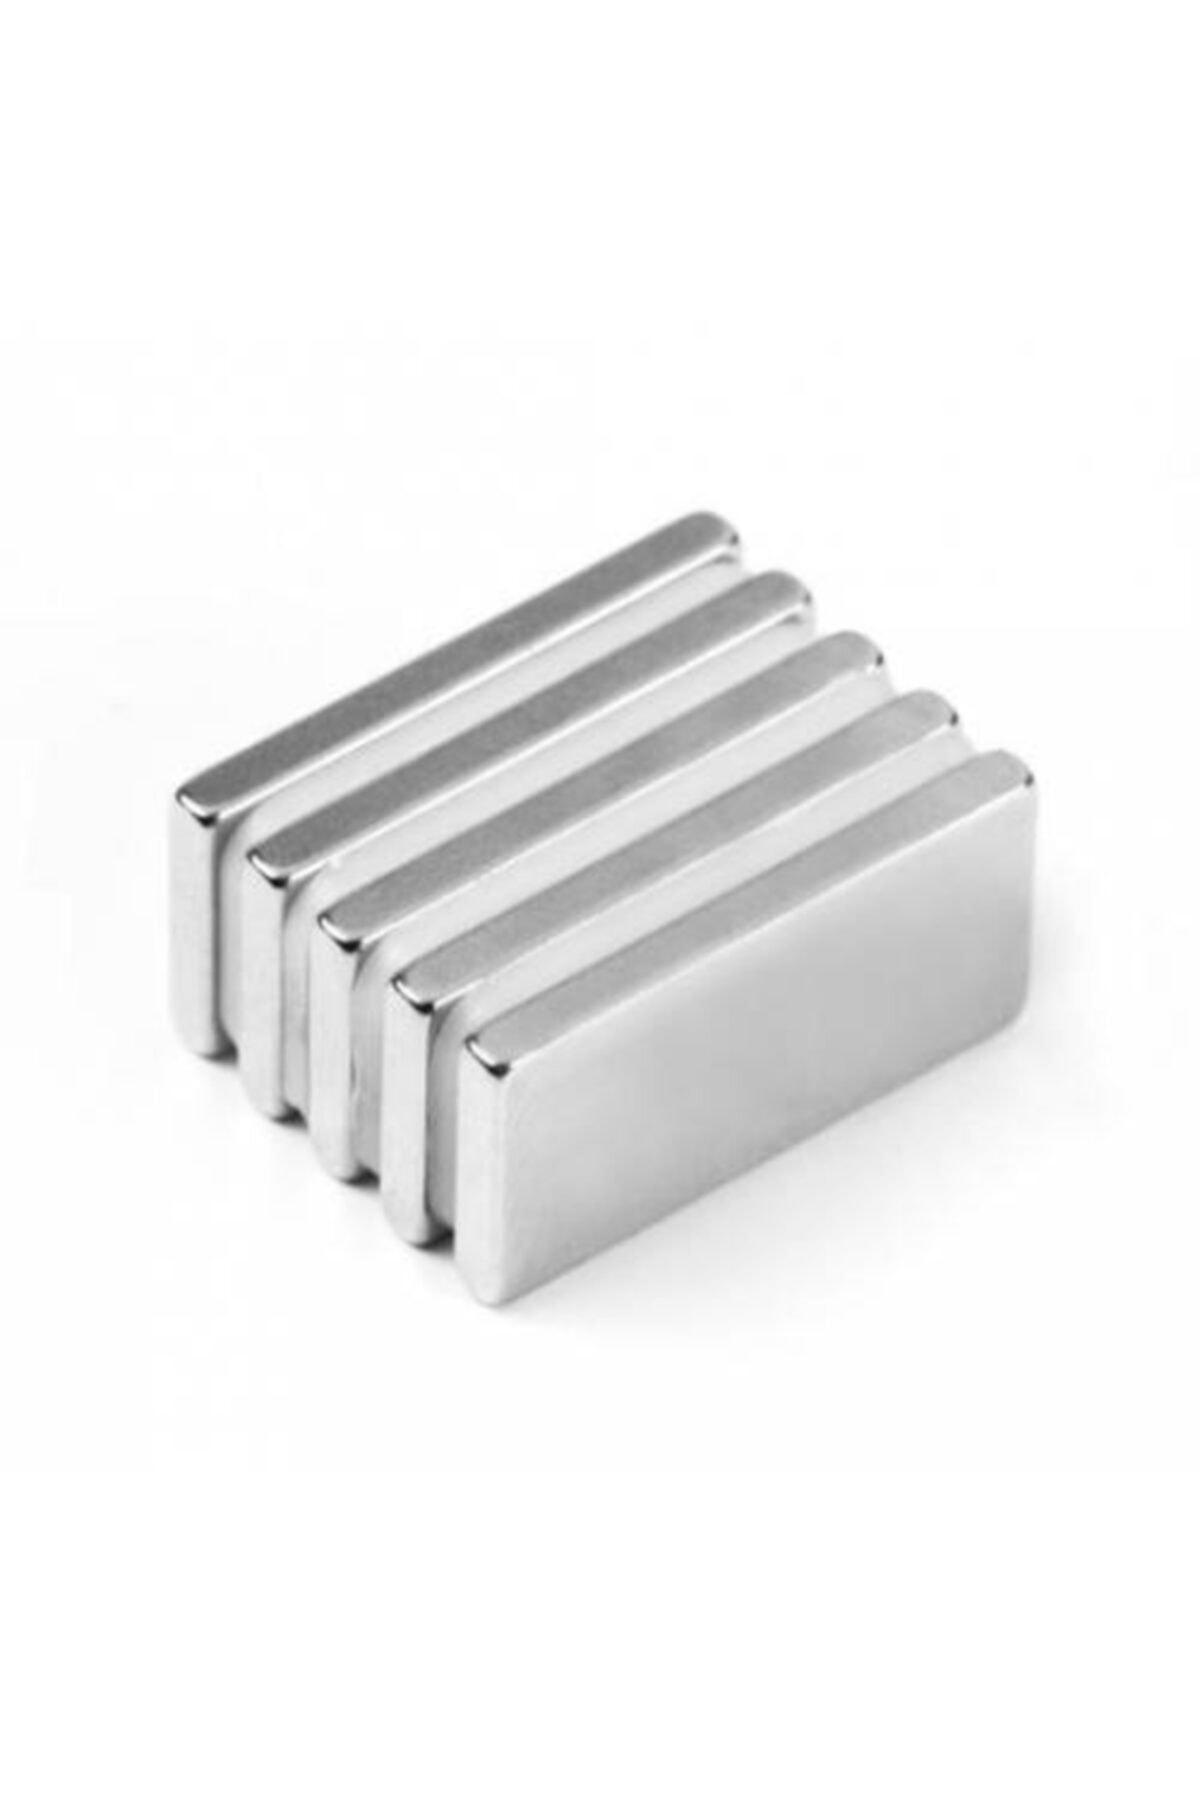 Dünya Magnet 5 Adet 20x10x3 Süper Güçlü Neodyum Mıknatıs Magnet 1